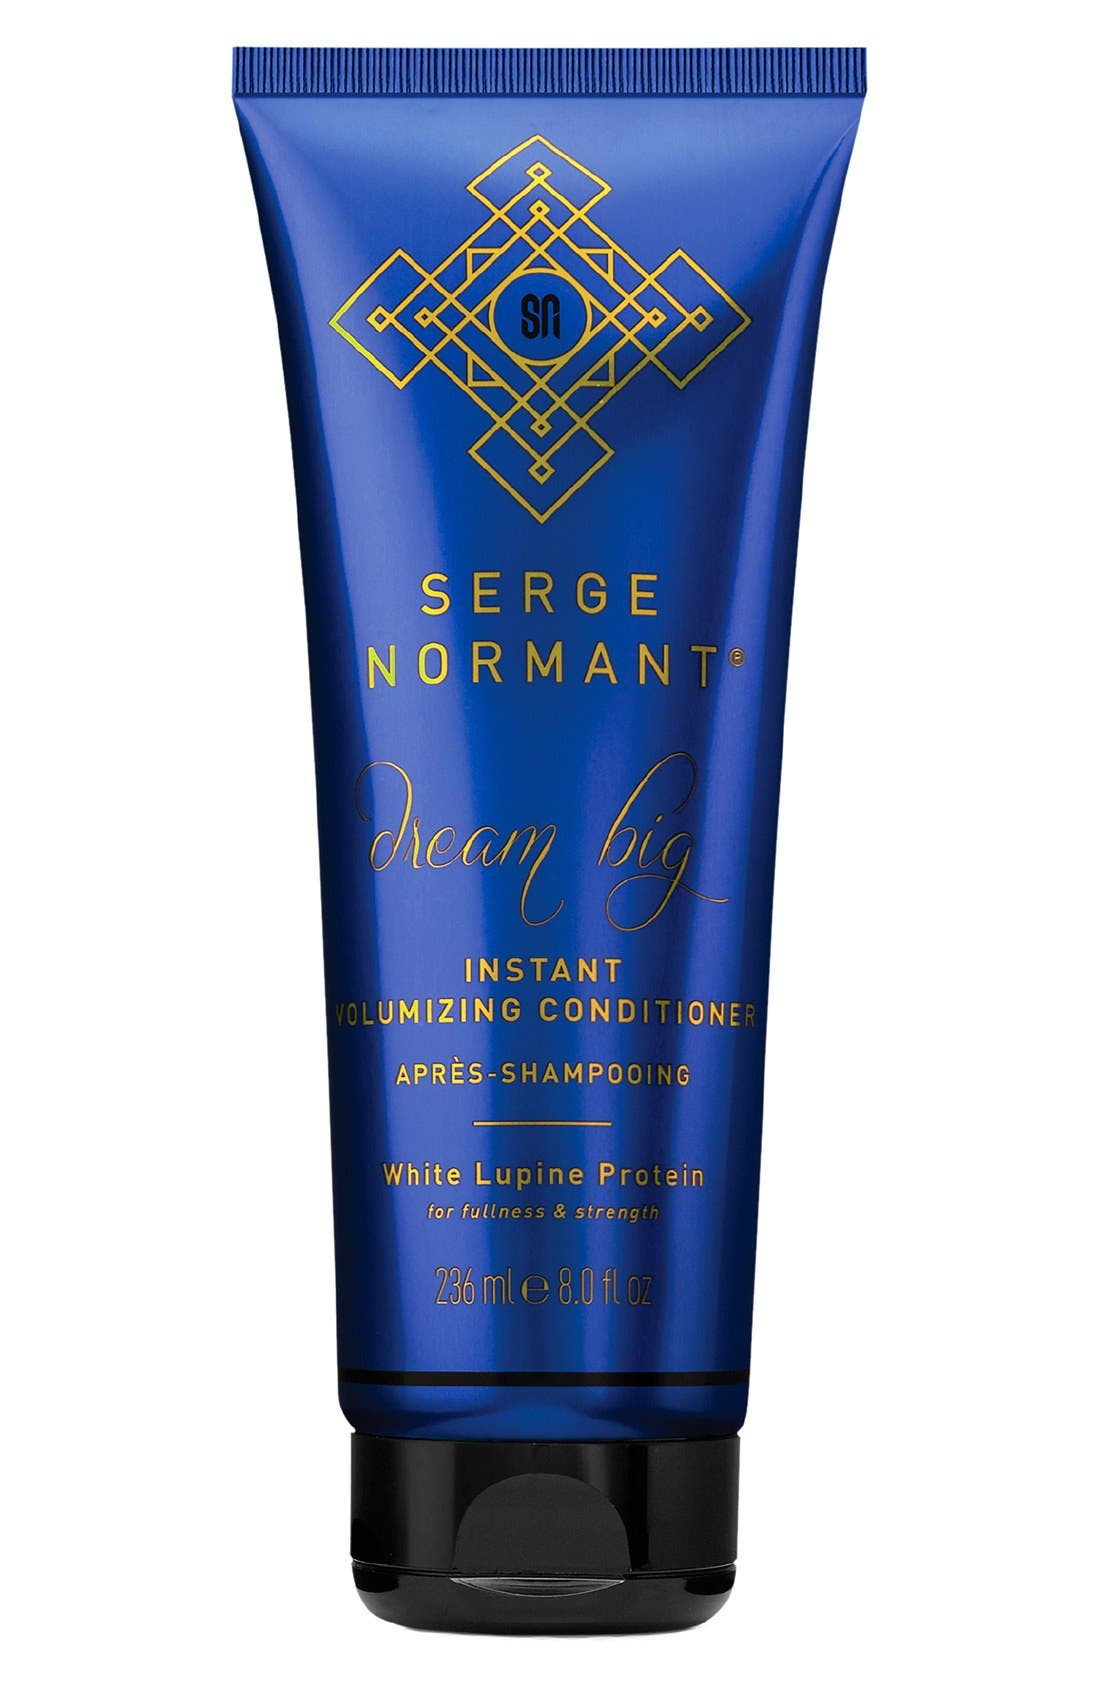 Serge Normant 'Dream Big' Instant Volumizing Conditioner